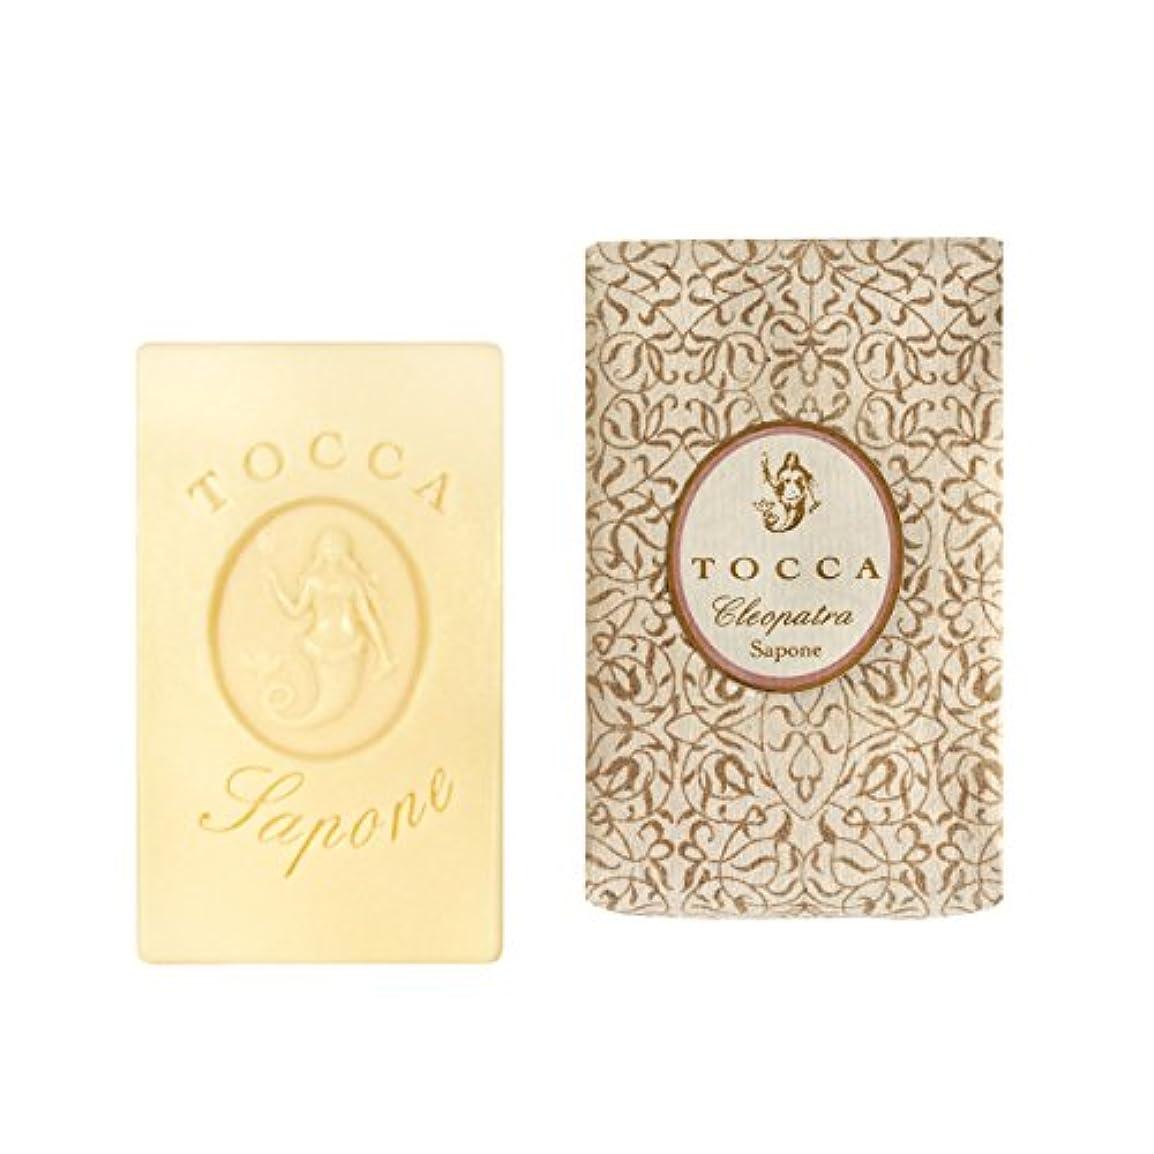 非アクティブ入手します地平線トッカ(TOCCA) ソープバー クレオパトラの香り 113g(石けん 化粧石けん グレープフルーツとキューカンバーのフレッシュでクリーンな香り)